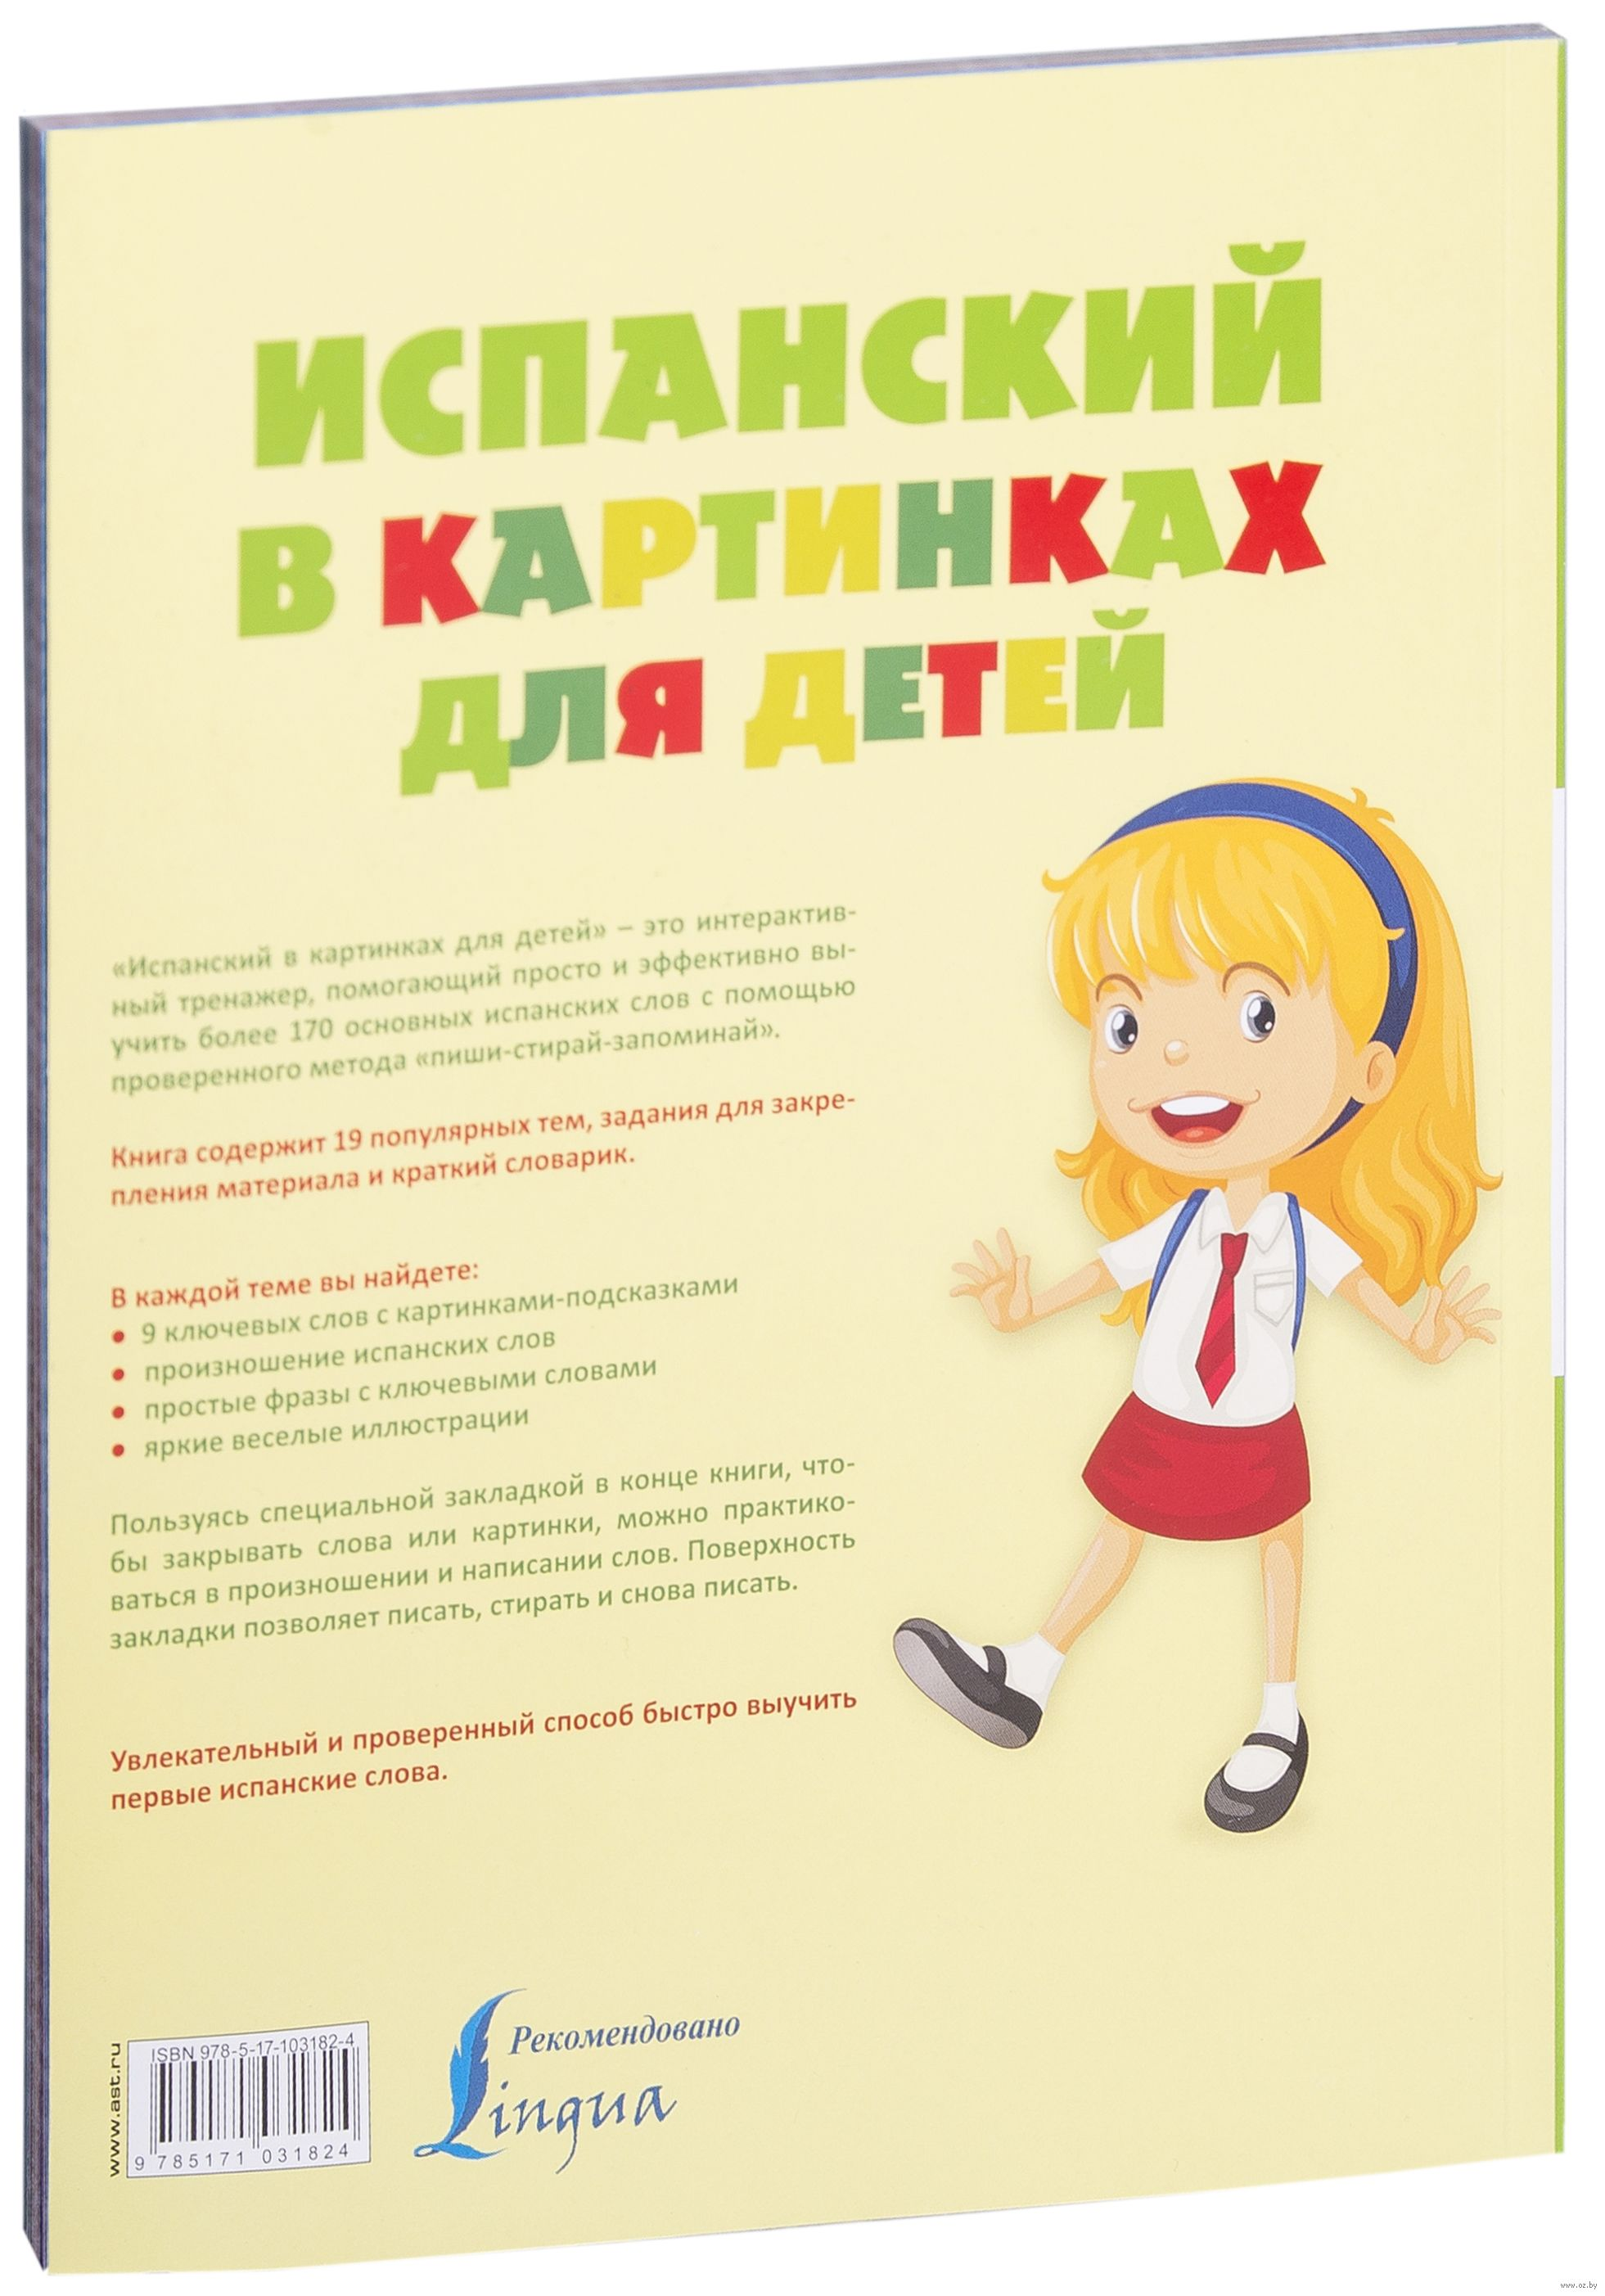 ... Испанский в картинках для детей. Интерактивный тренажер с  суперзакладкой — фото, картинка — 6 e9bed168370